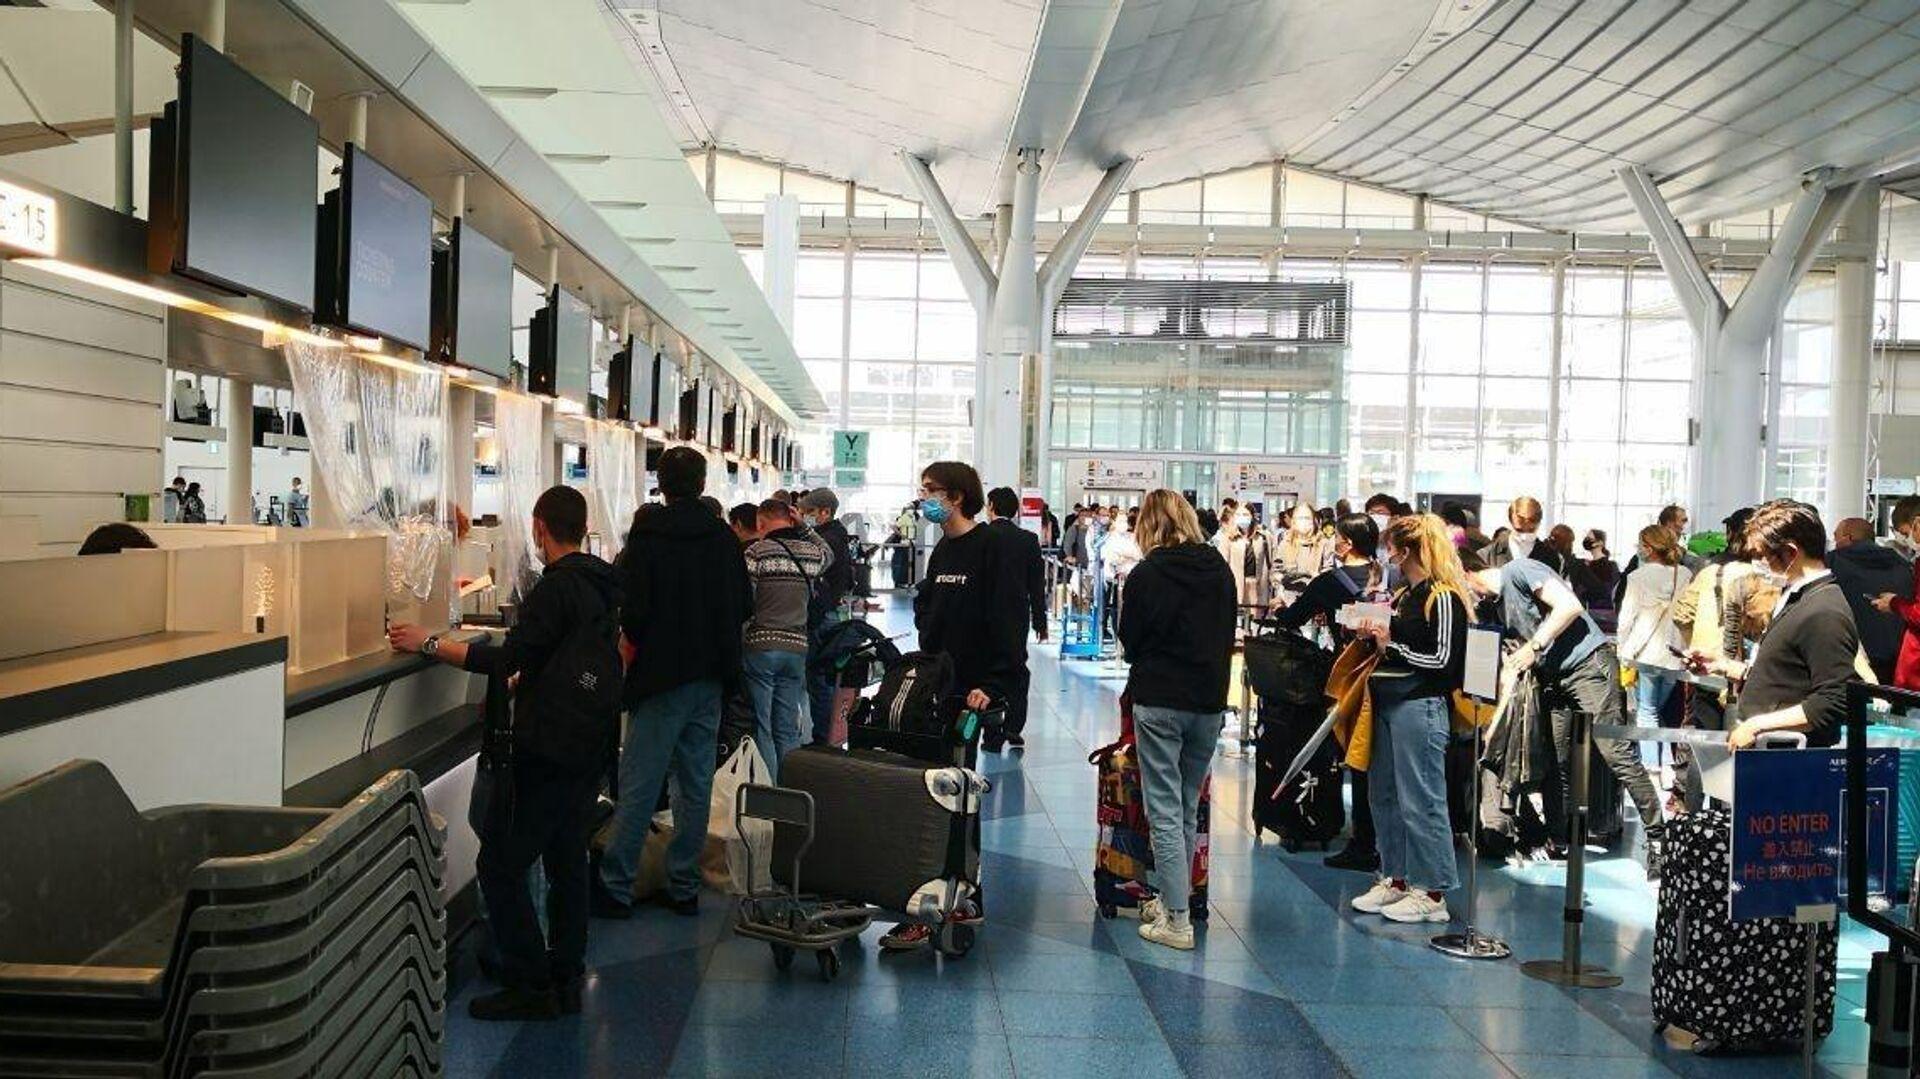 Россияне регистрируются на вывозной рейс в аэропорту Токио - РИА Новости, 1920, 21.09.2020